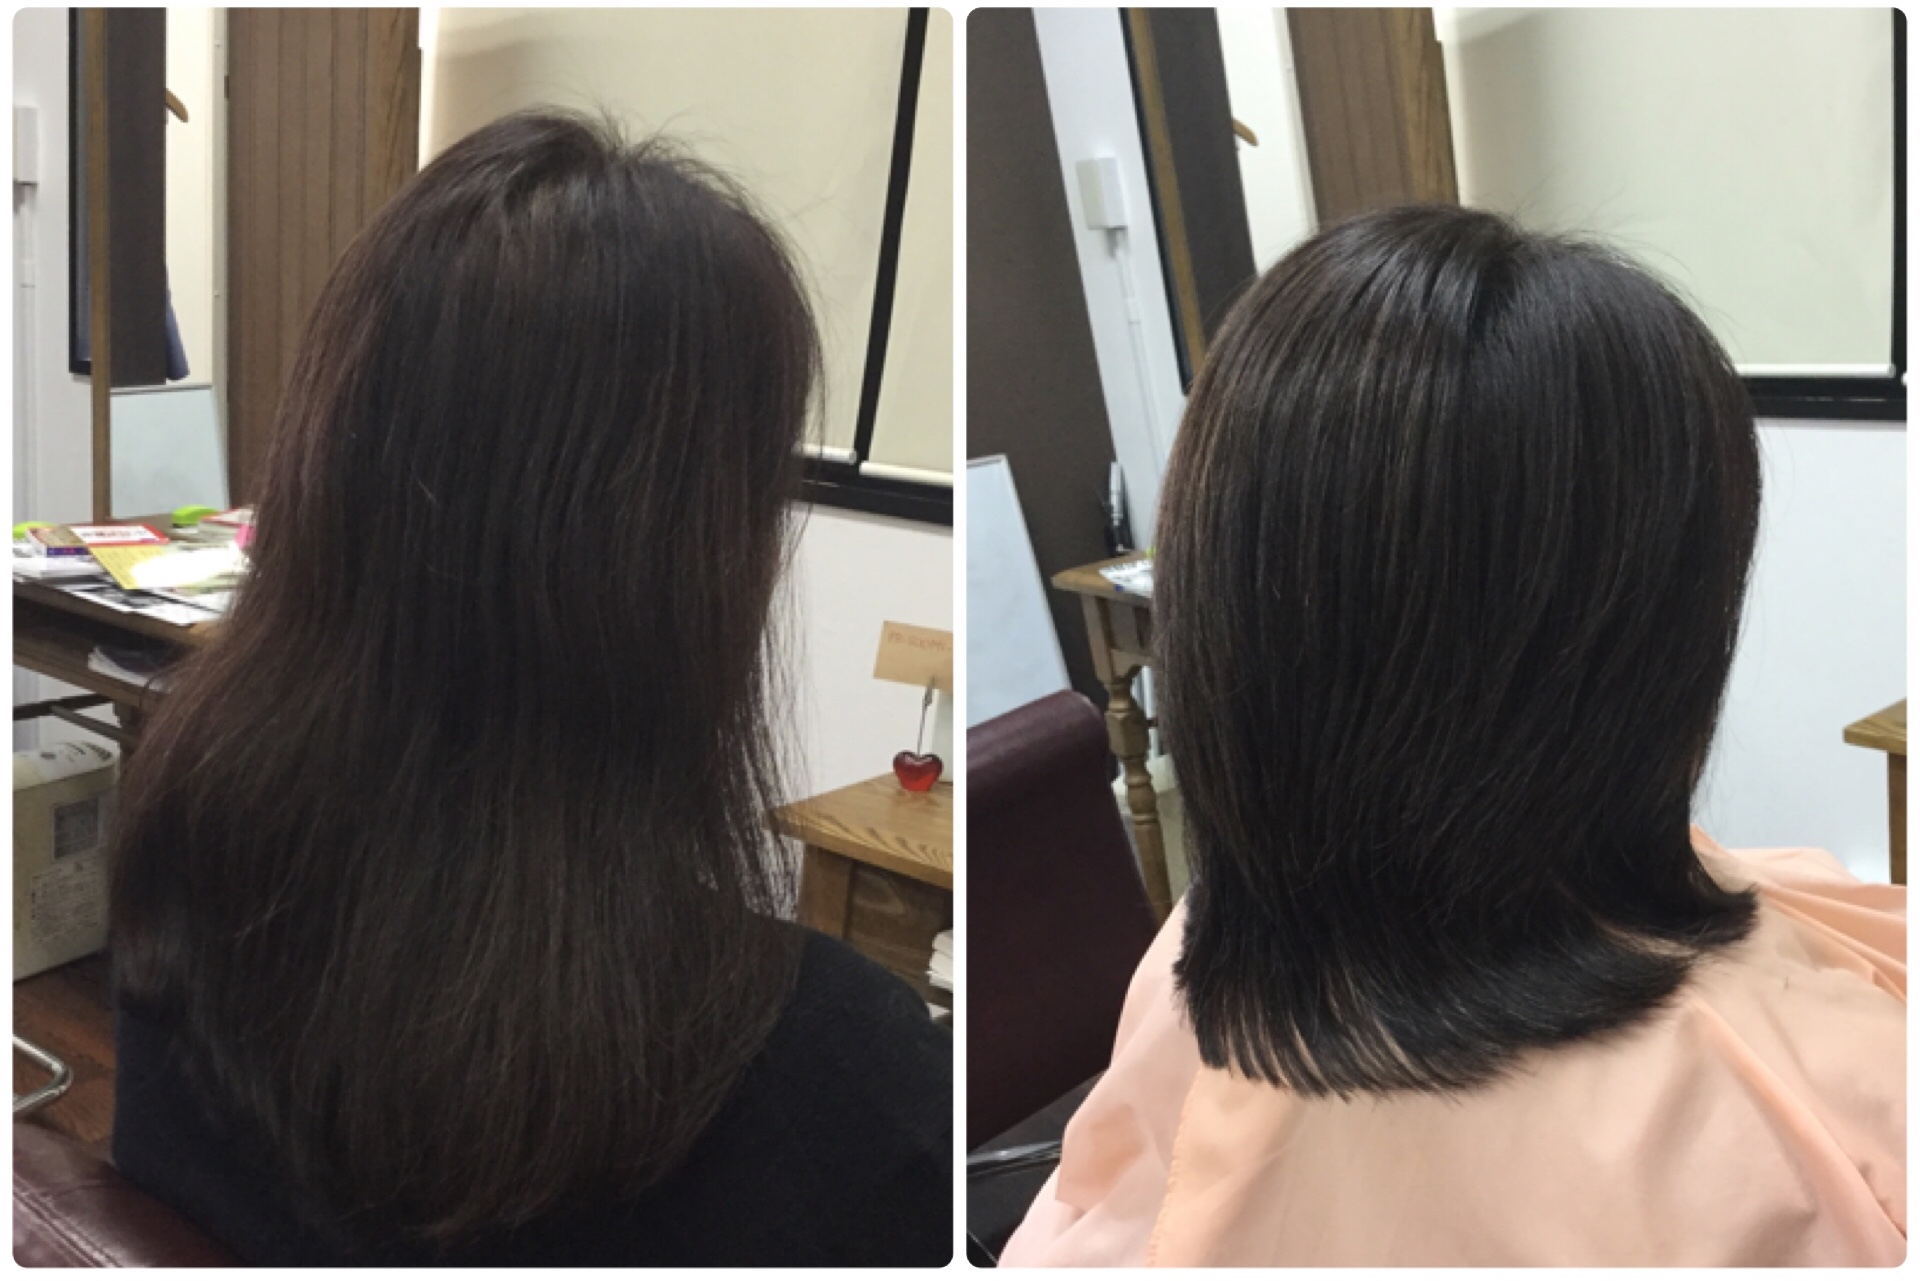 くせ毛加齢毛にキュビズムカット骨格補正立体3Dカットで華麗毛に神戸くせ毛専門美容室アバディ